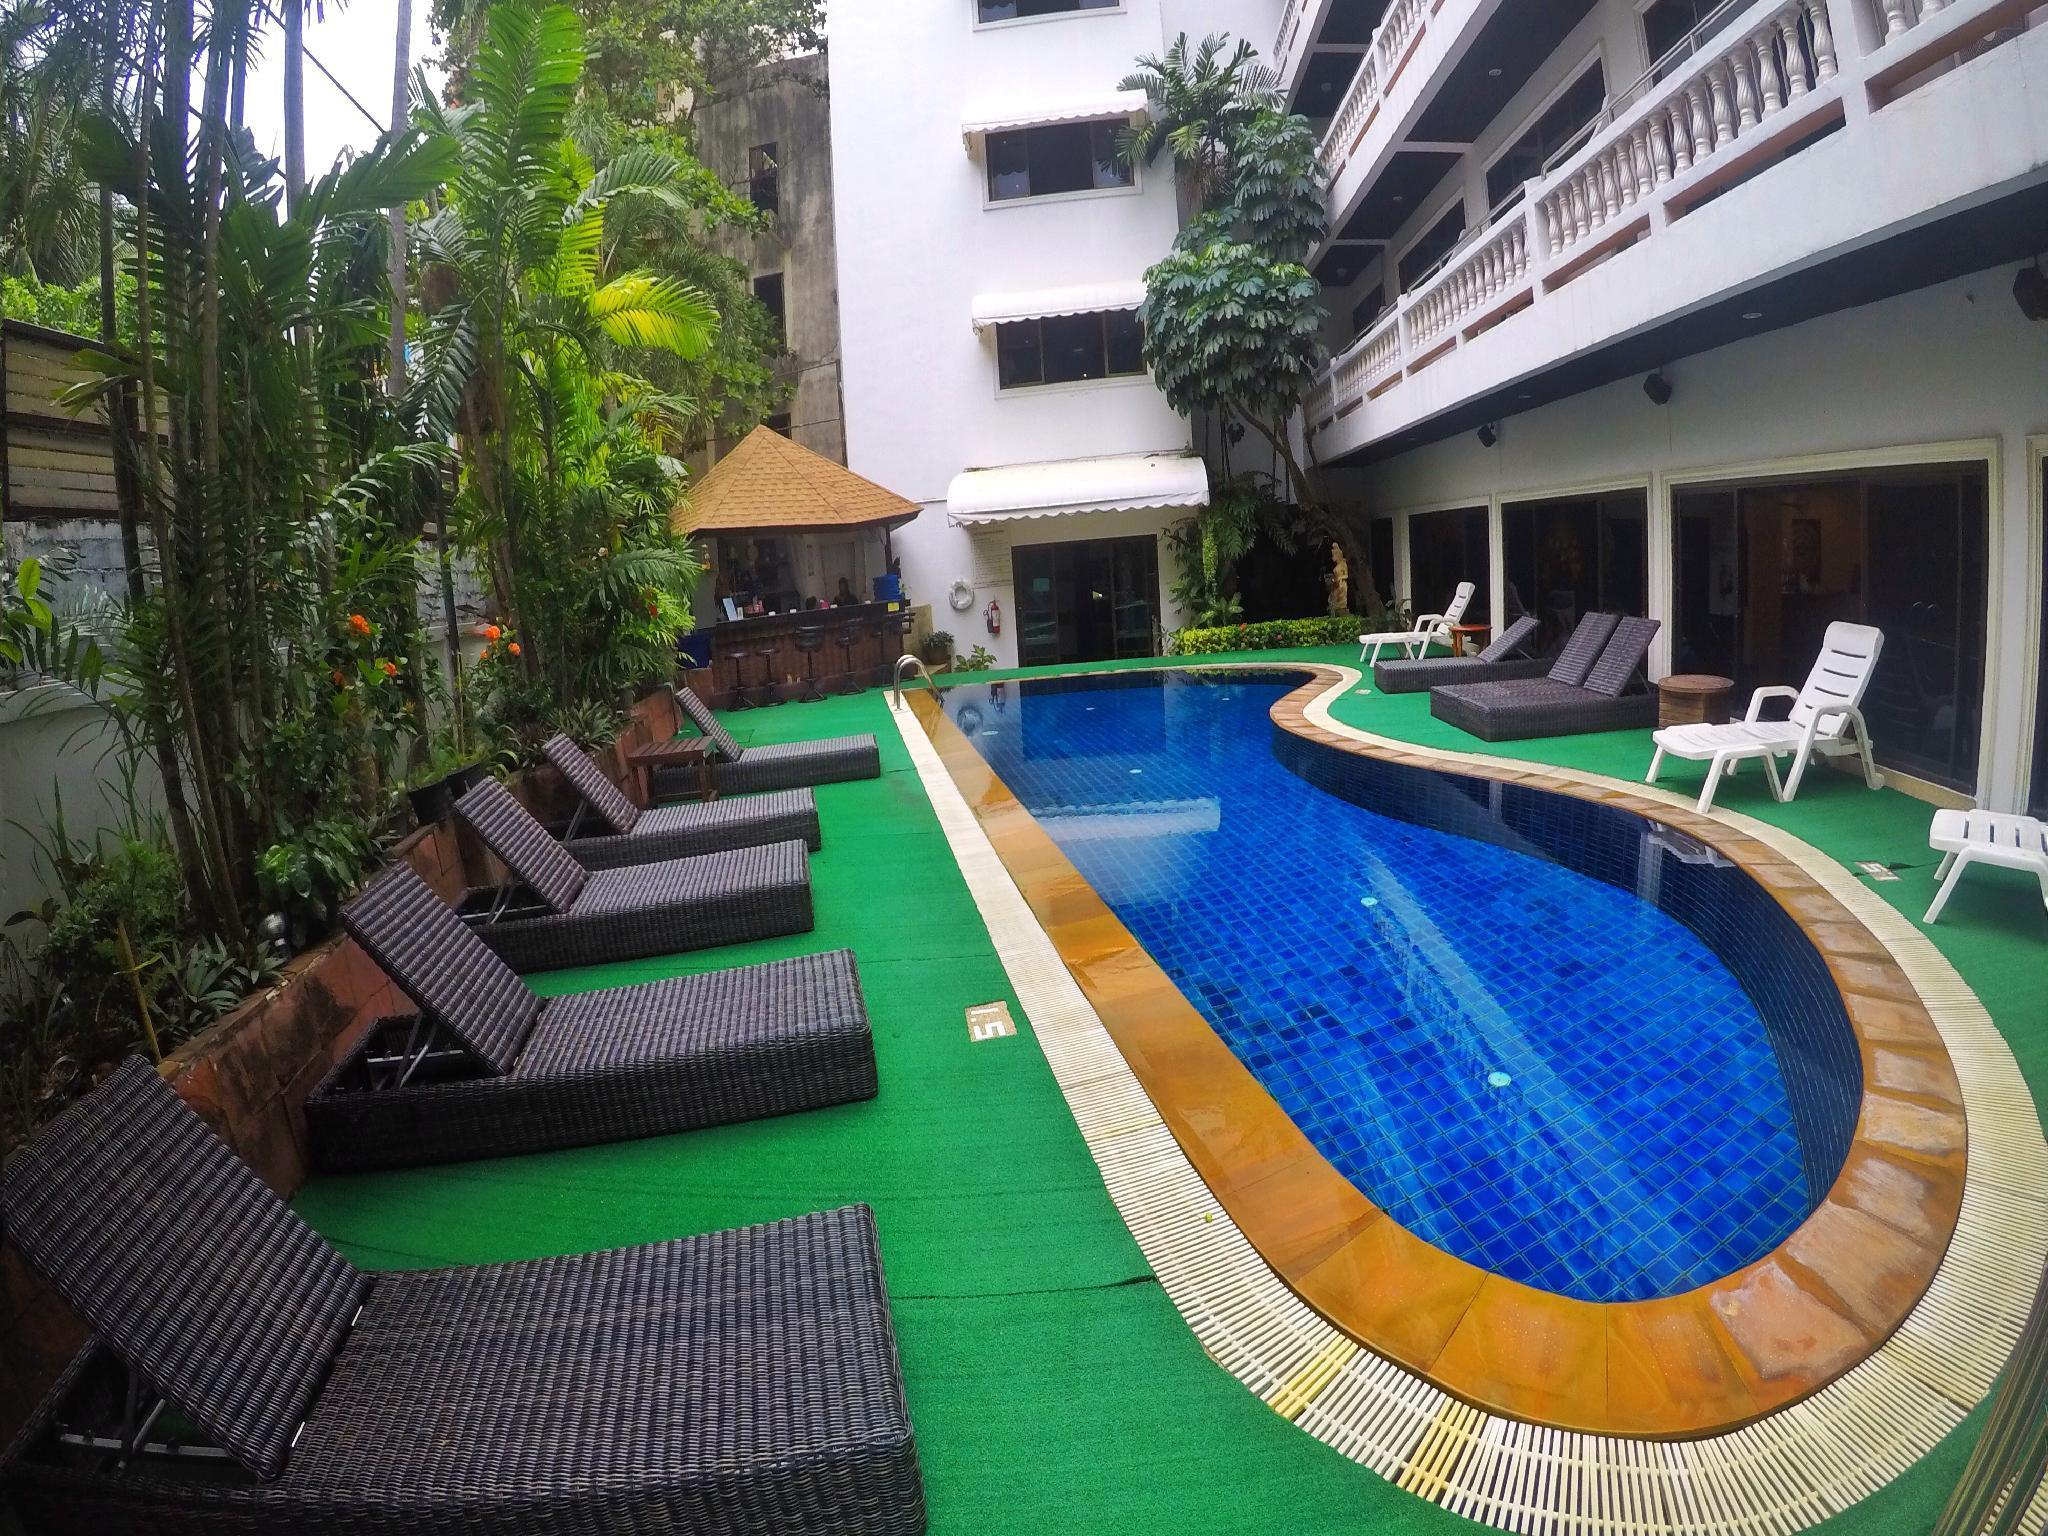 2 Bedroom Apt. Pool View in Patong Beach #b1